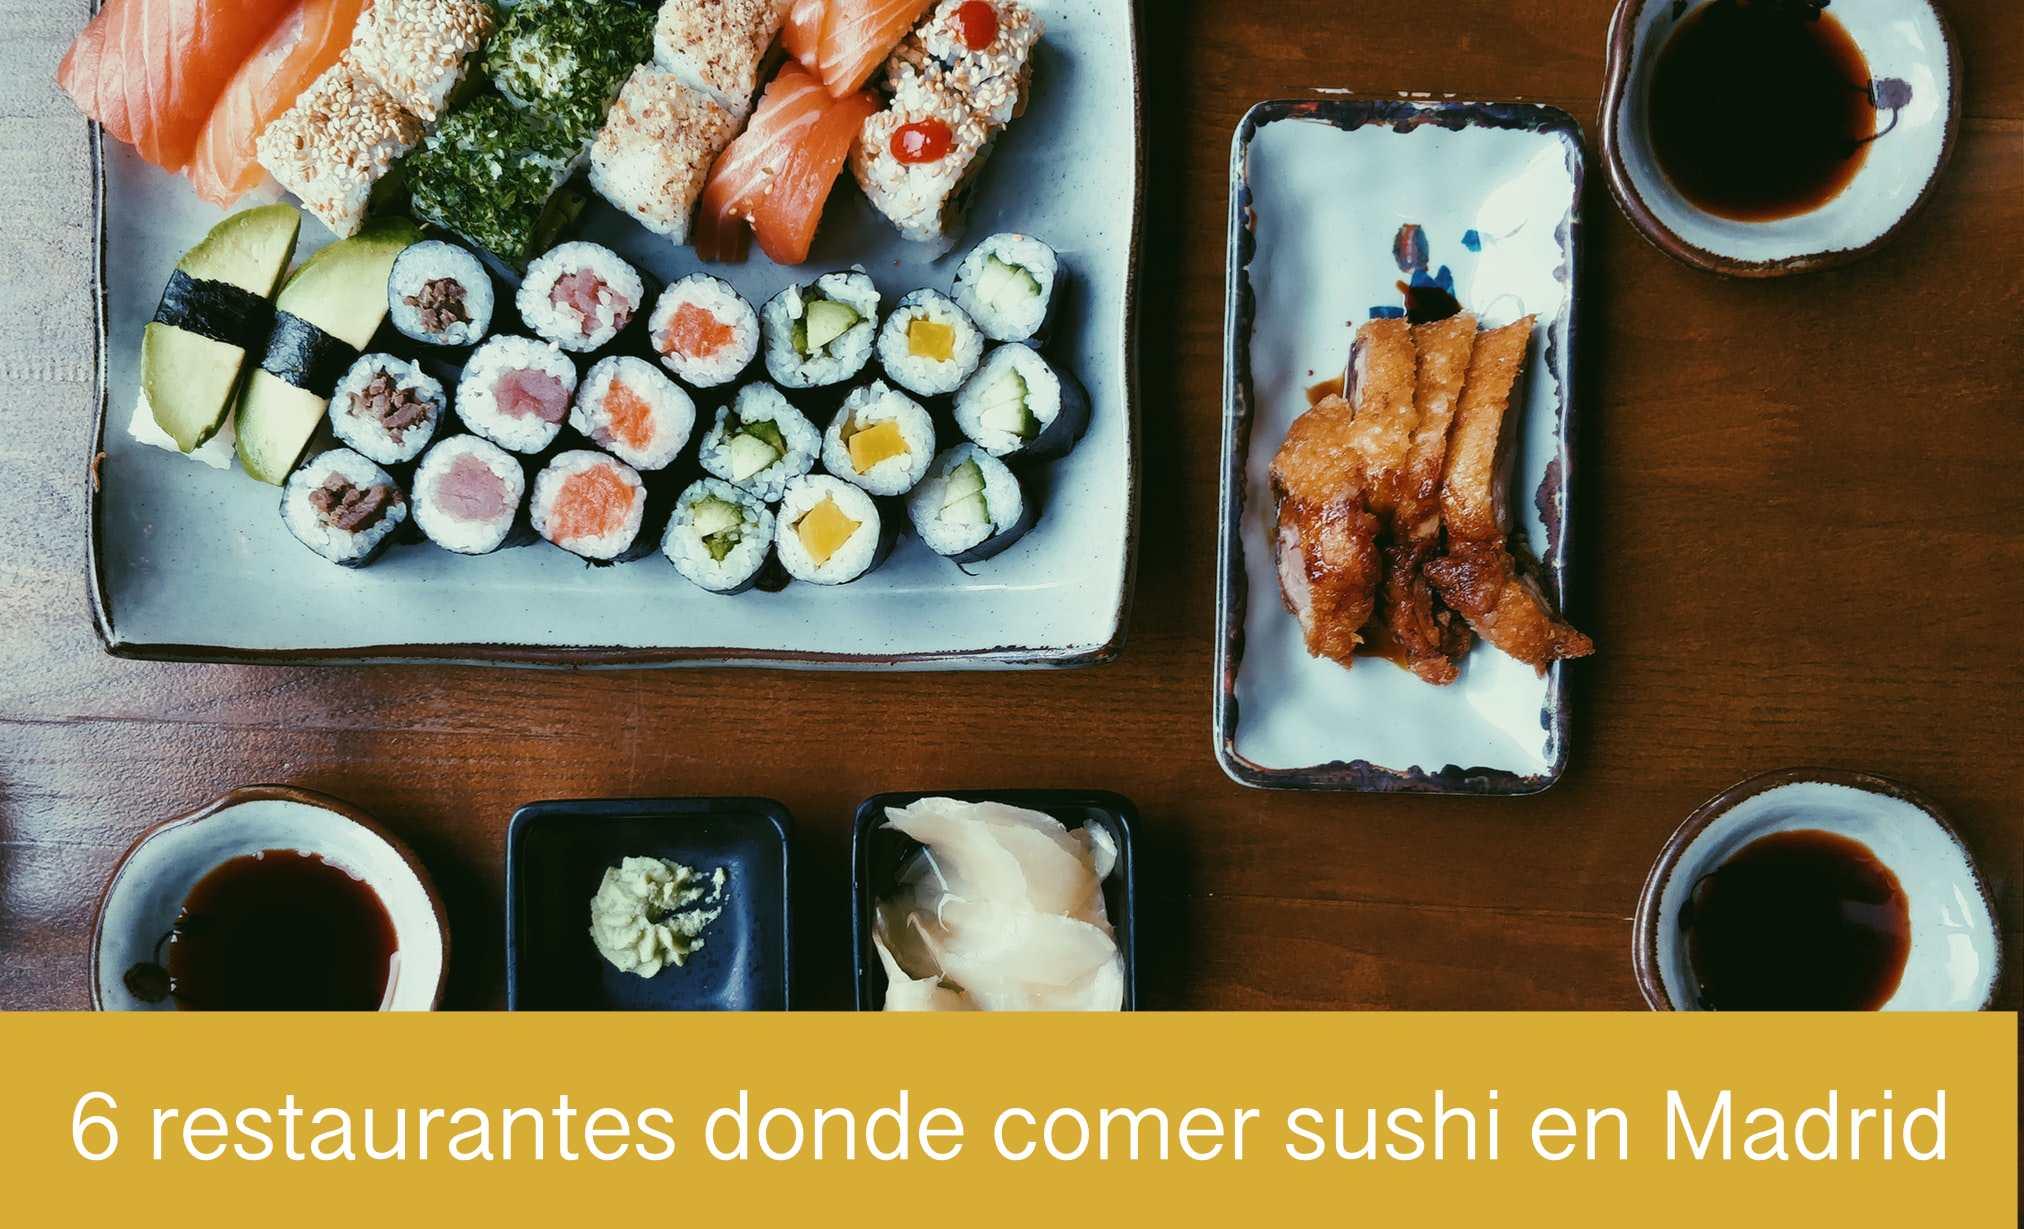 6 restaurantes donde comer sushi en Madrid